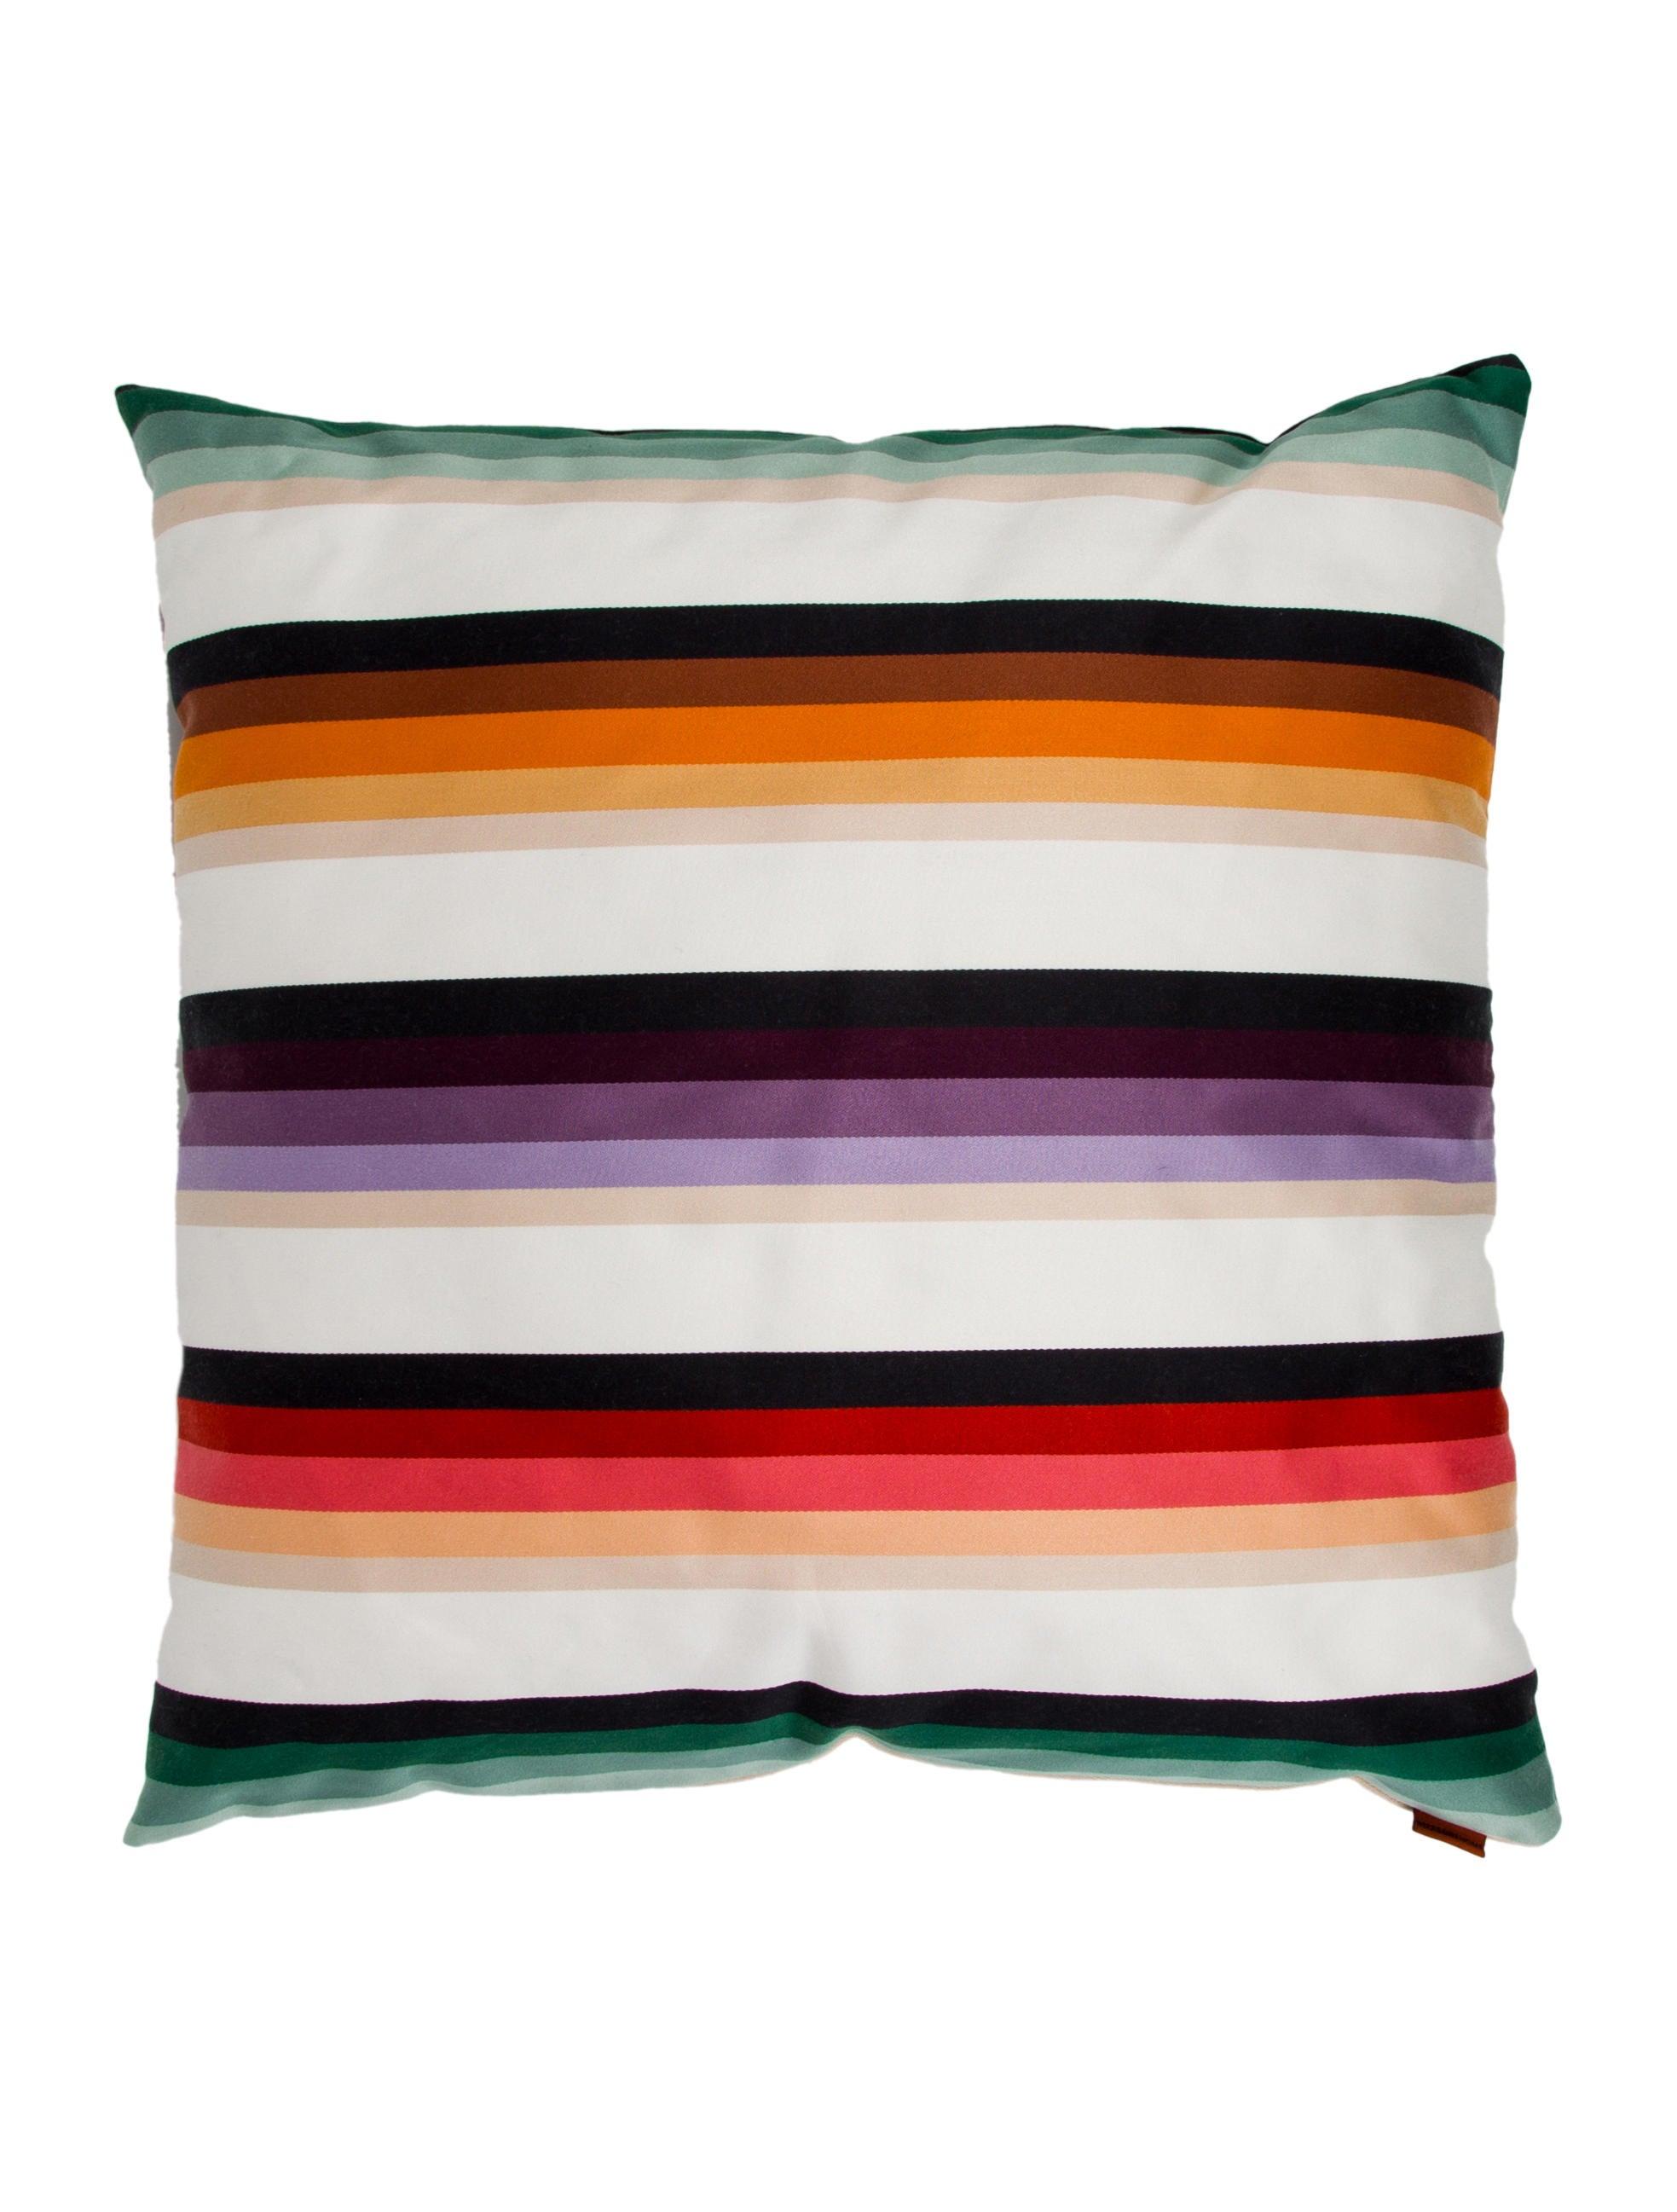 tt pillow opp har inspiration pillows for f er s synes ynene det anette missoni fint